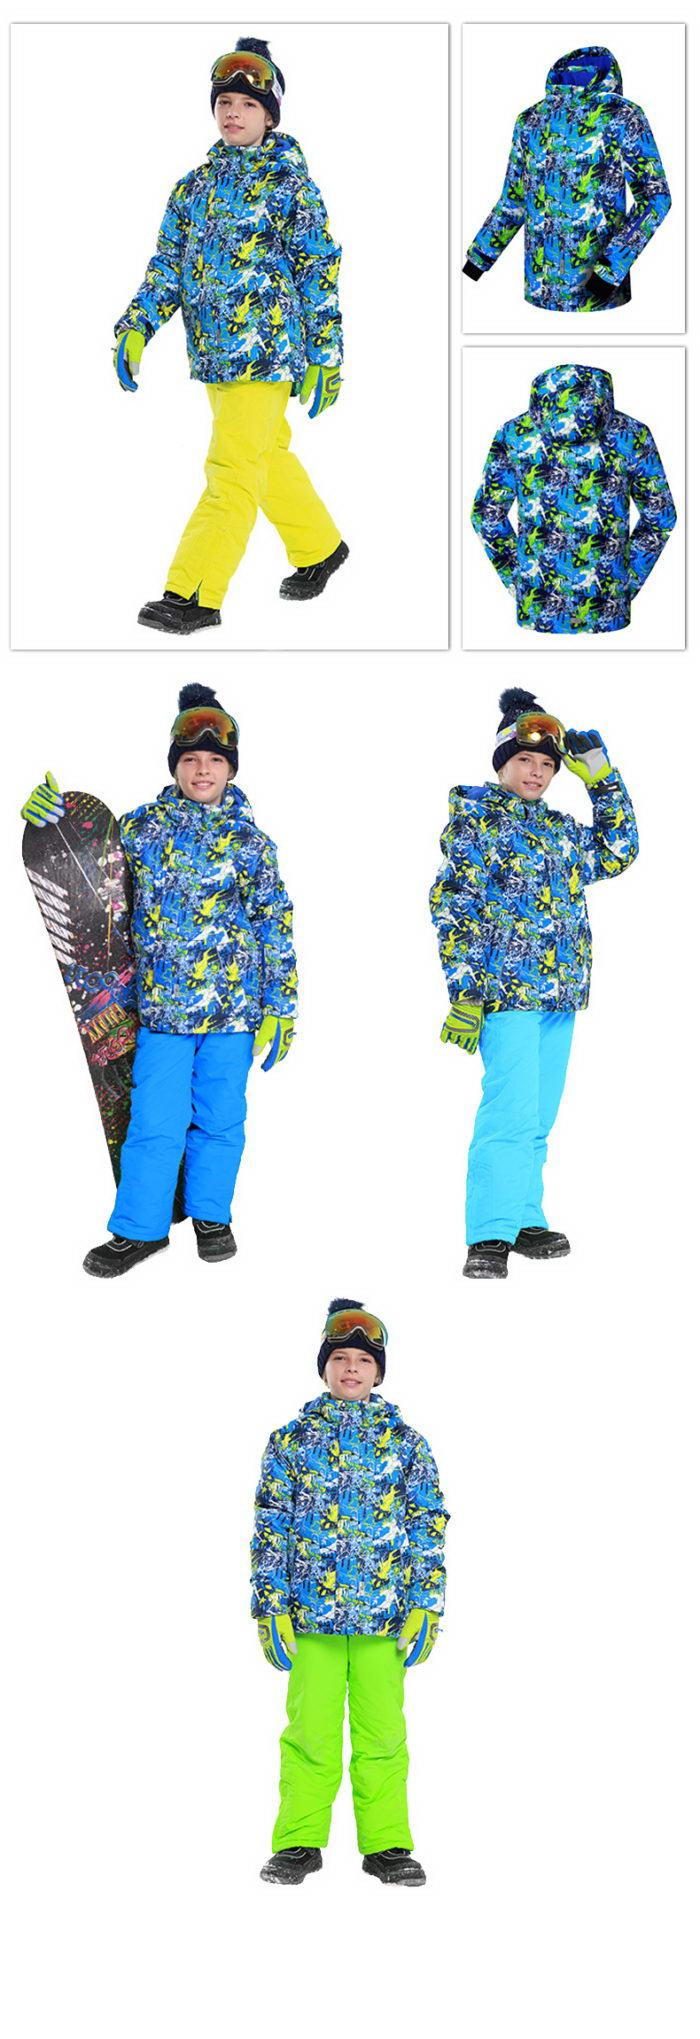 Горнолыжный костюм для мальчика Phibee